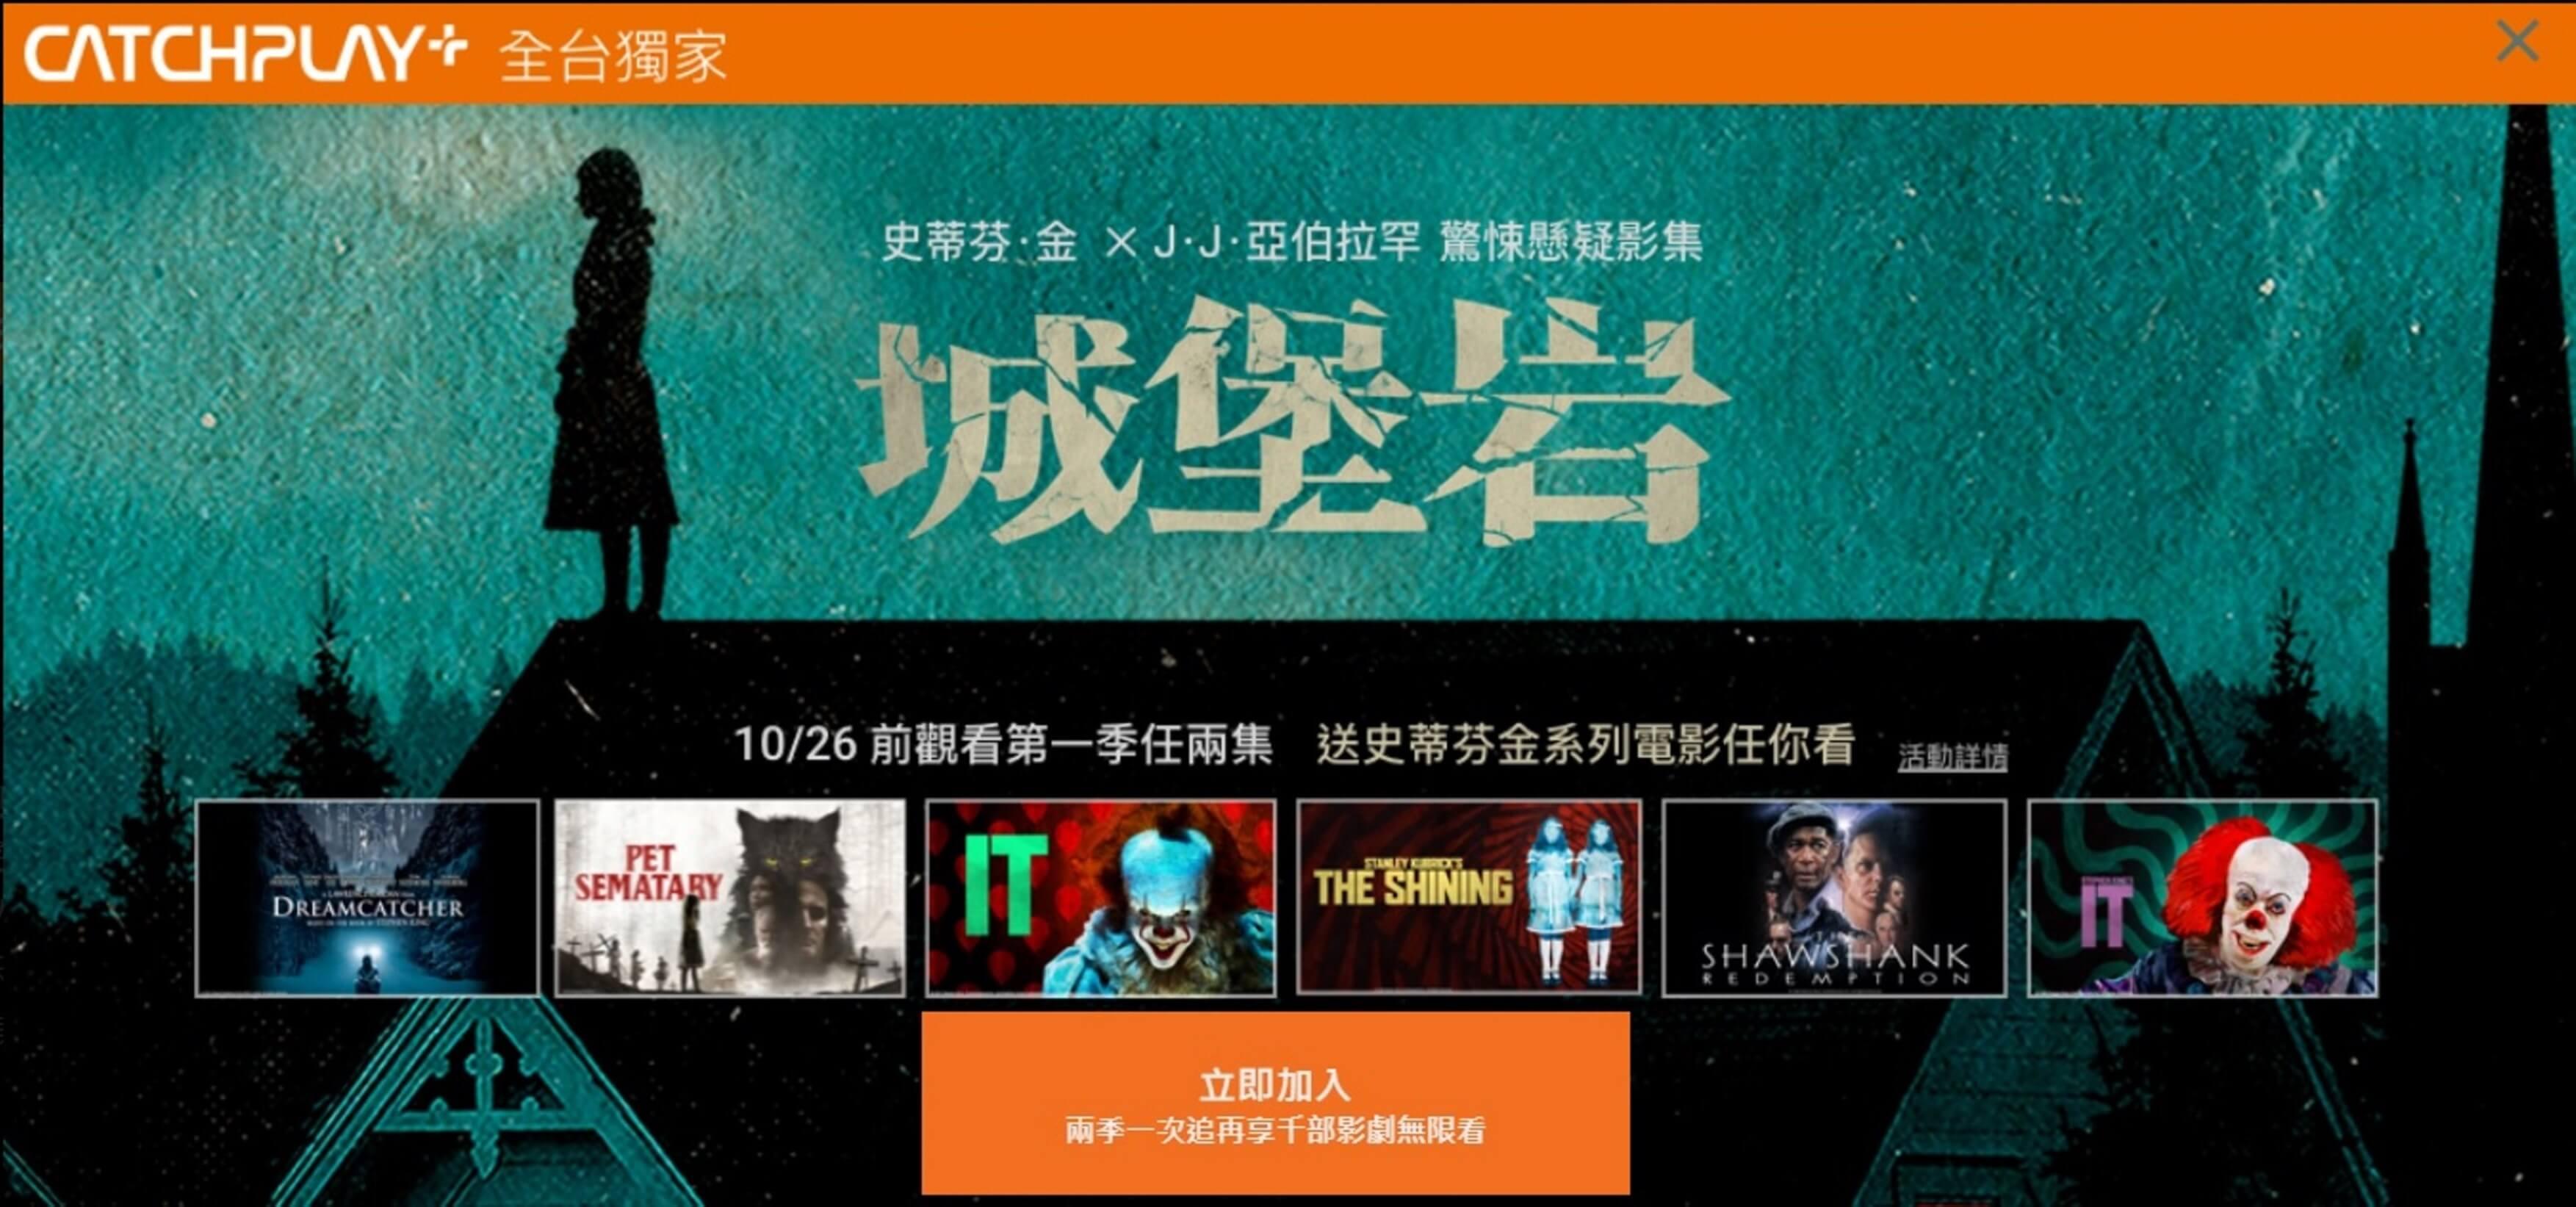 恐怖大師史蒂芬金與 JJ 亞伯拉罕打造驚悚影集《城堡岩》全新第二季上架 CATCHPLAY+ 供線上看劇。